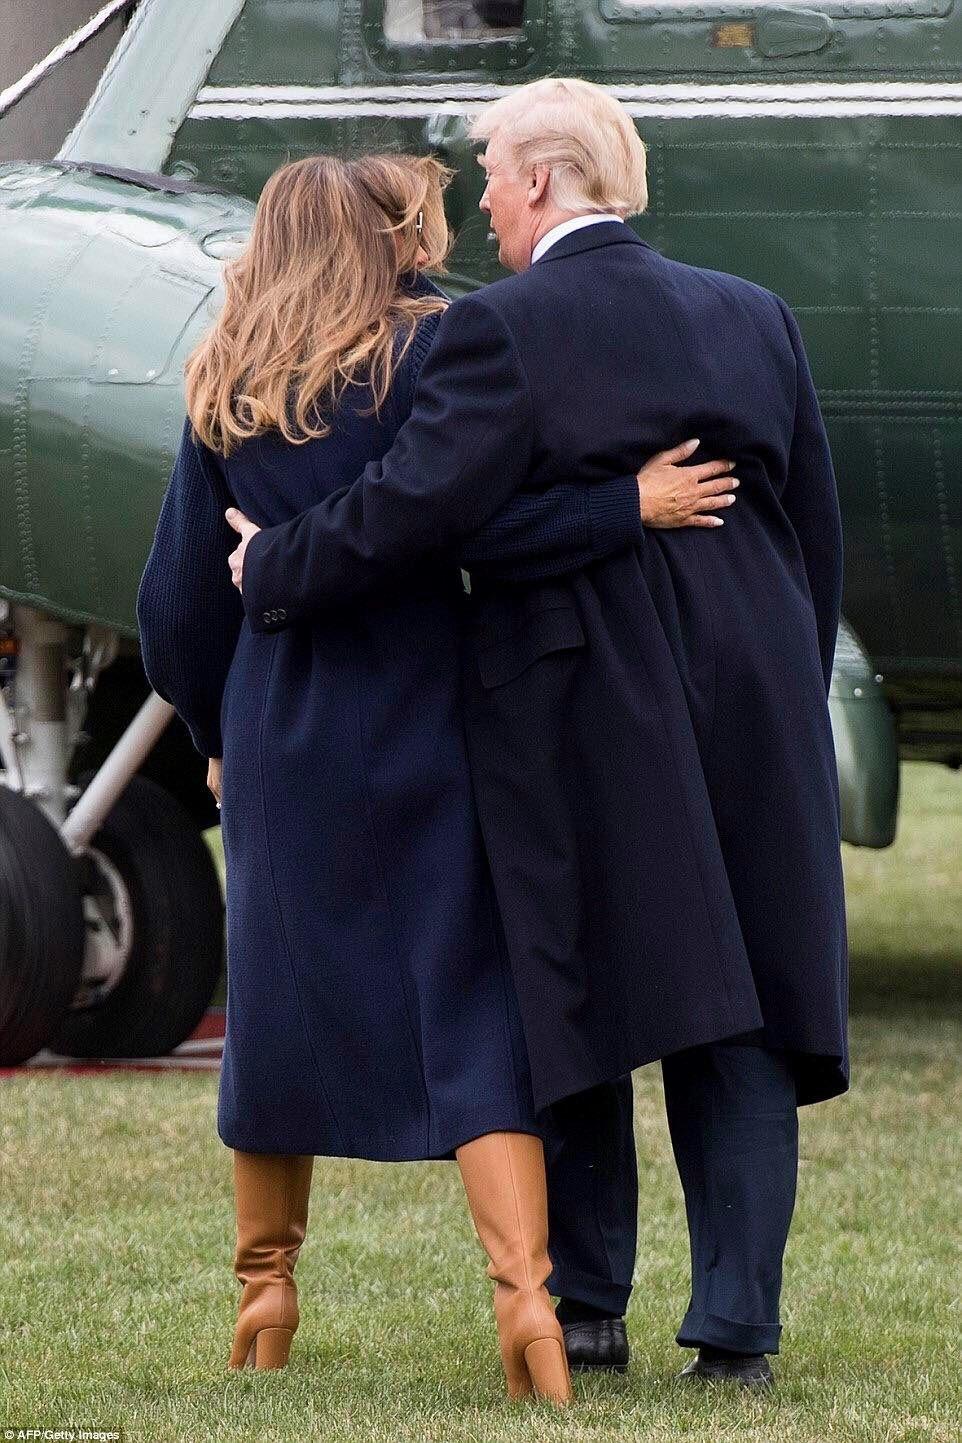 États-Unis-Iran: le risque d'un embrasement - Page 2 Img_3011